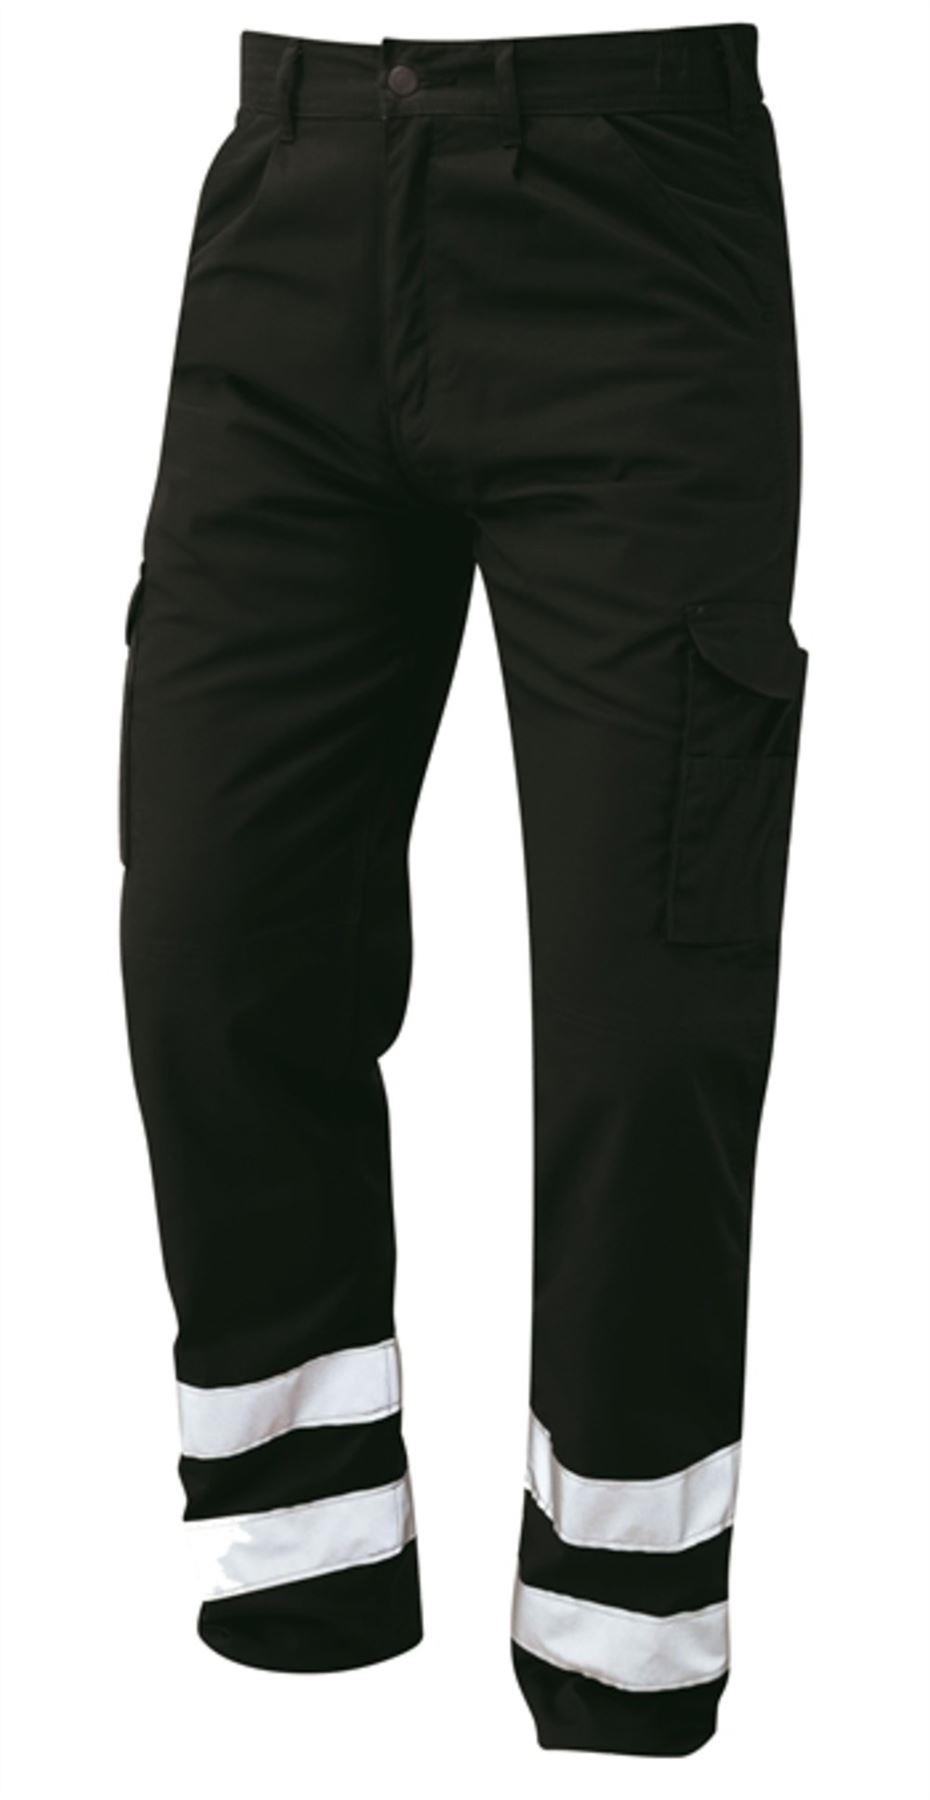 Orn Condor Hi Vis Kneepad Trousers - Black|60W29L